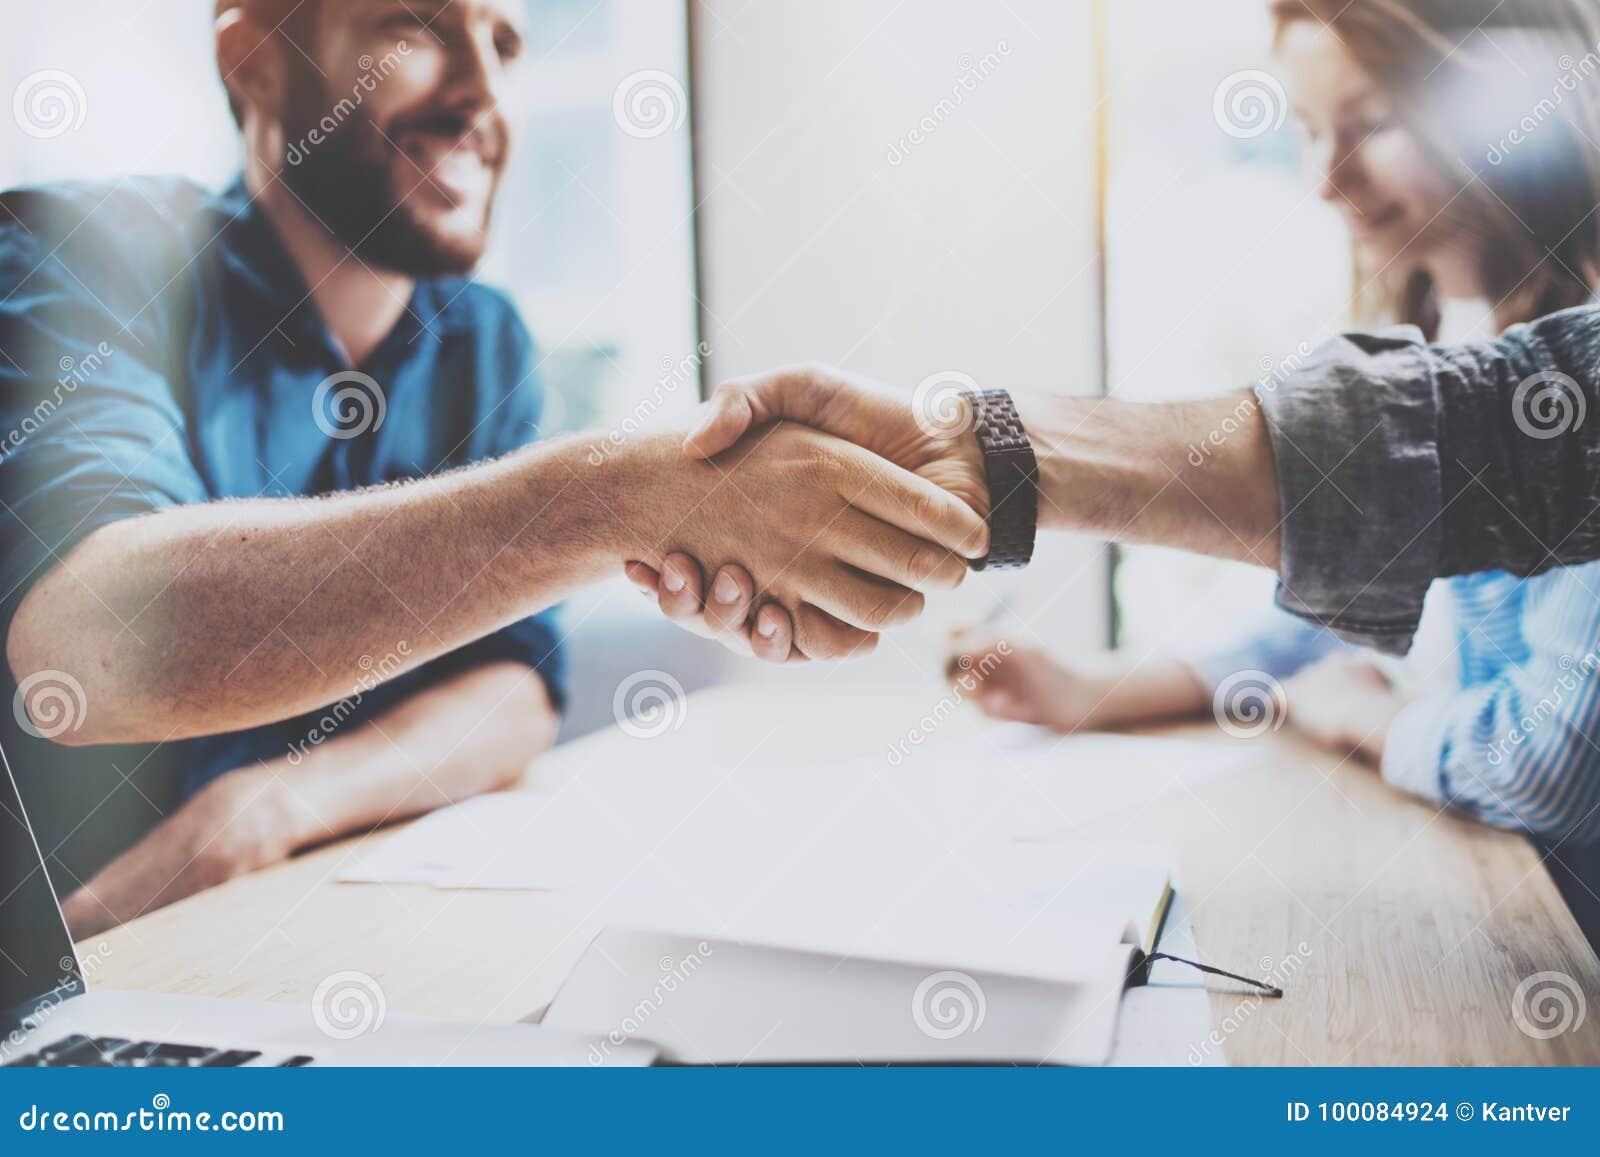 Έννοια χειραψιών επιχειρησιακής αρσενική συνεργασίας Η φωτογραφία δύο επανδρώνει τη διαδικασία χειραψίας Επιτυχής διαπραγμάτευση